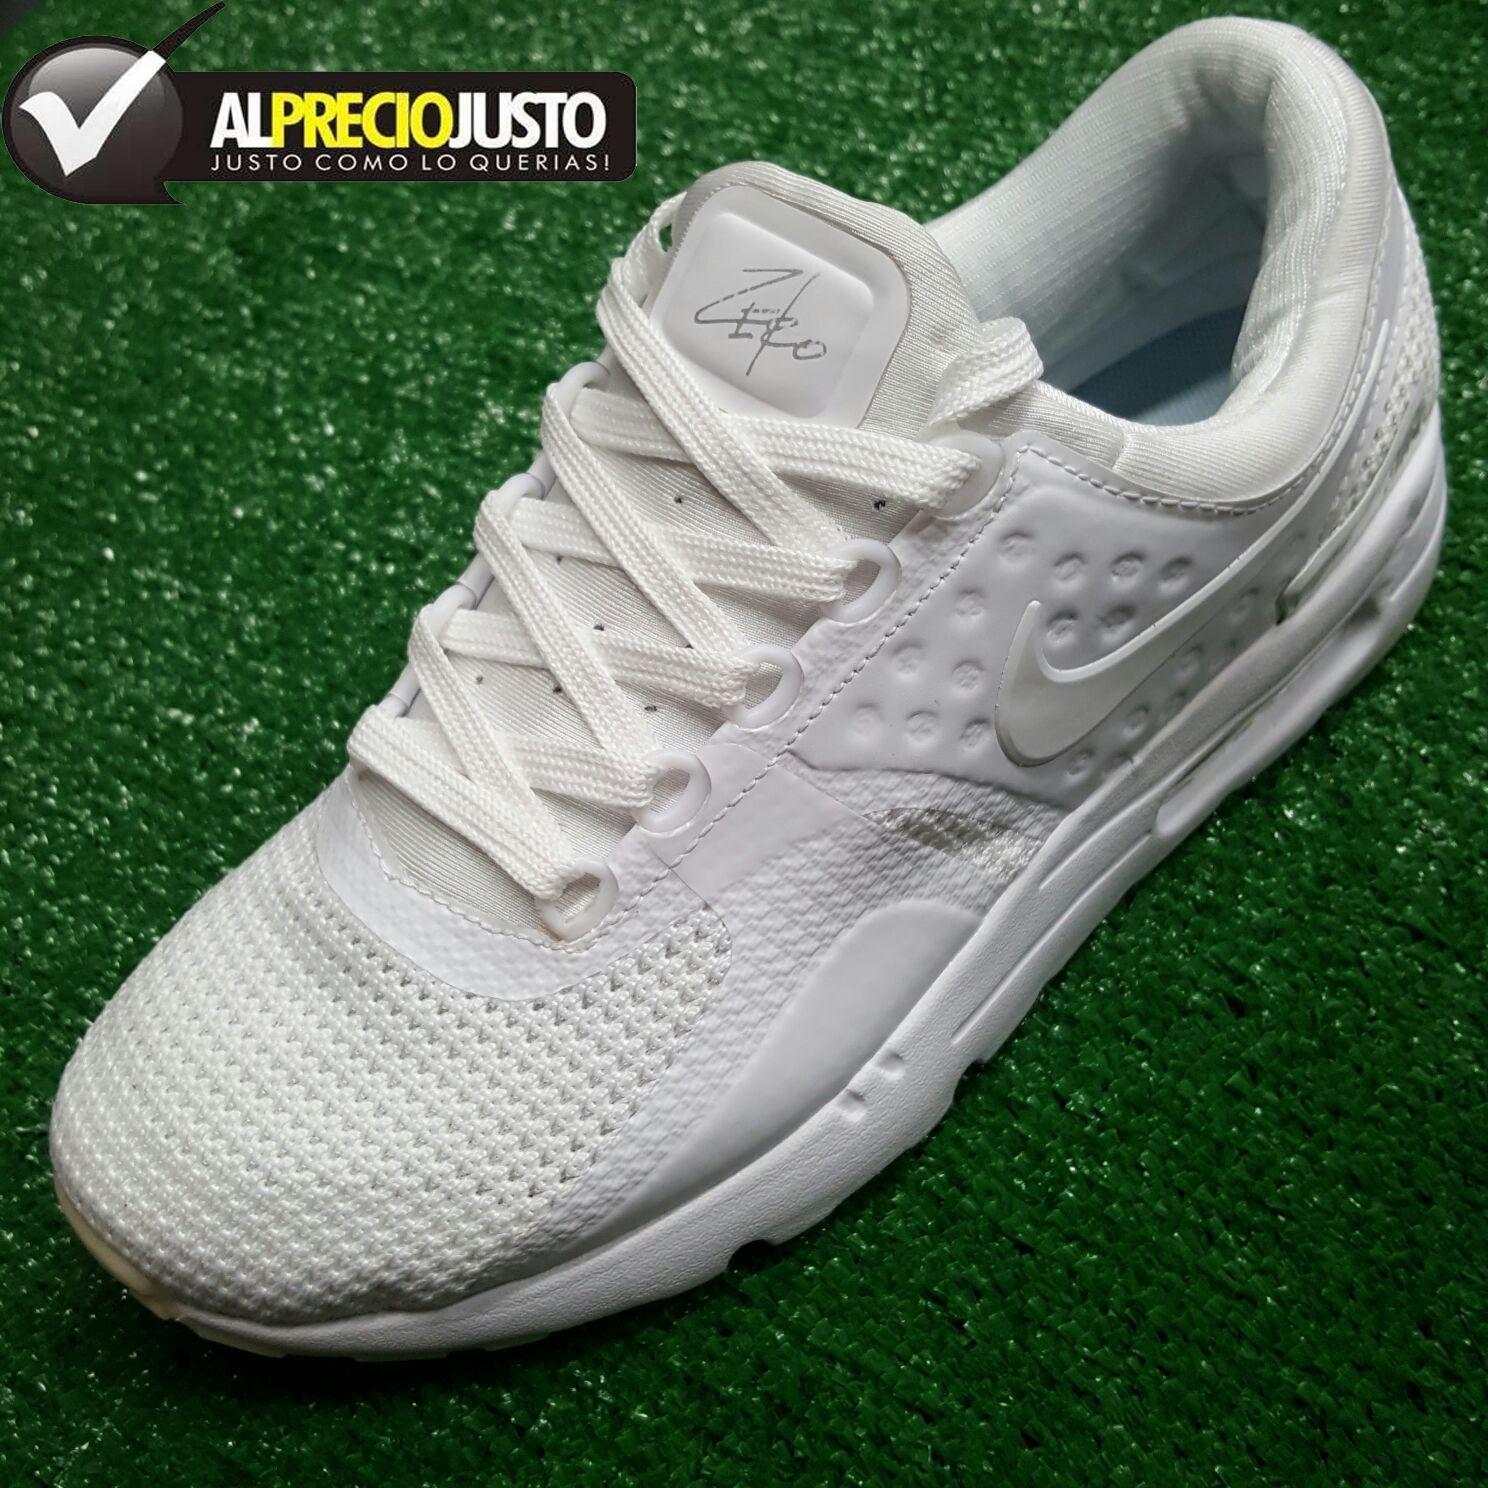 8471104b3896b Tenis Nike Air Max Zero  145.000 Envios gratis Pedidos via whatsapp 314  7985755 - 300 4630528 Cali